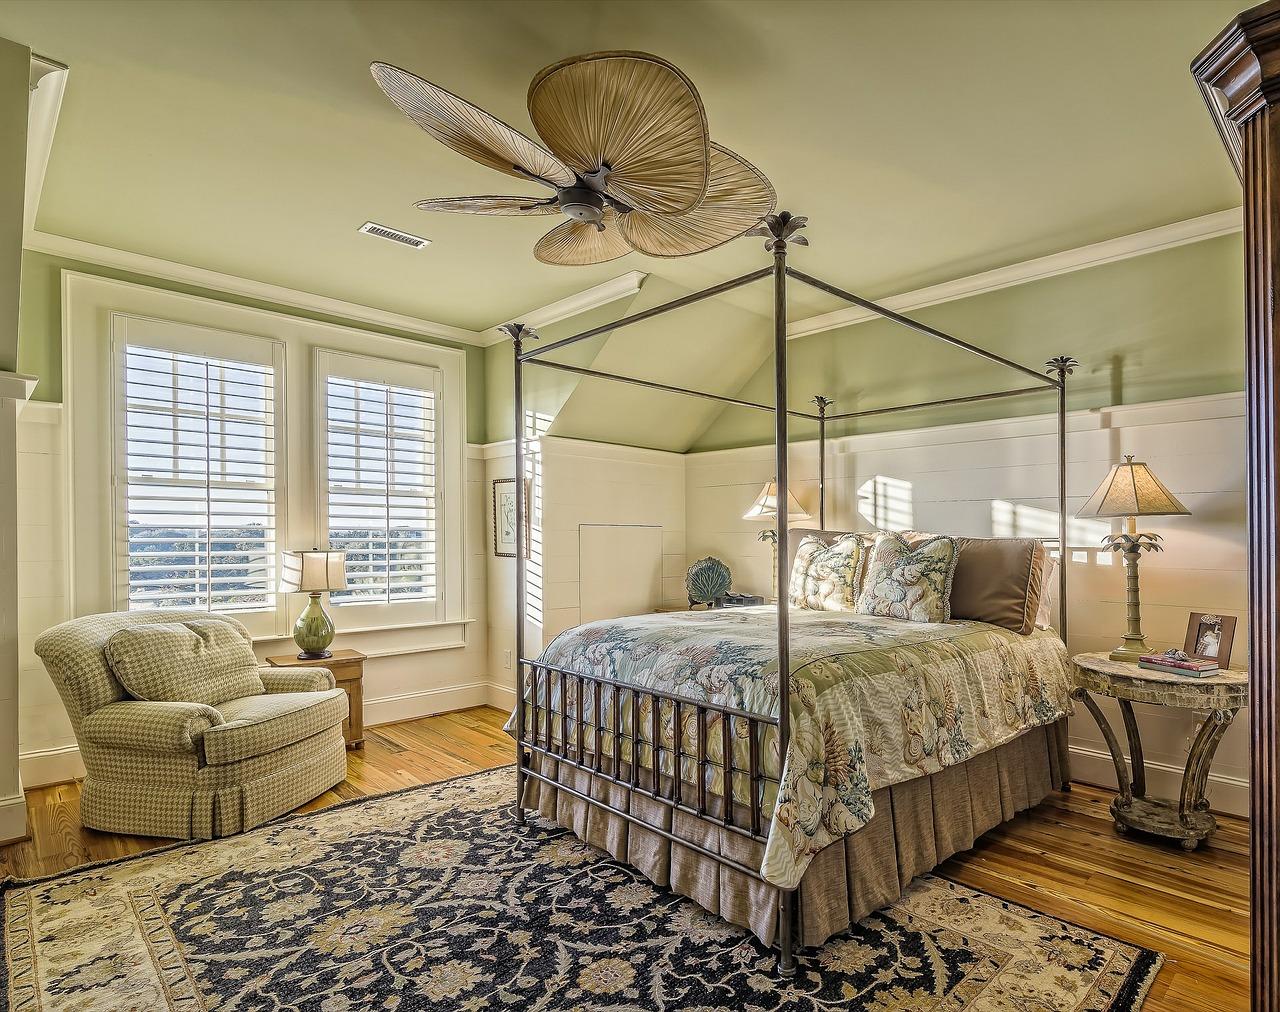 Comment organiser votre chambre pour mieux dormir ?